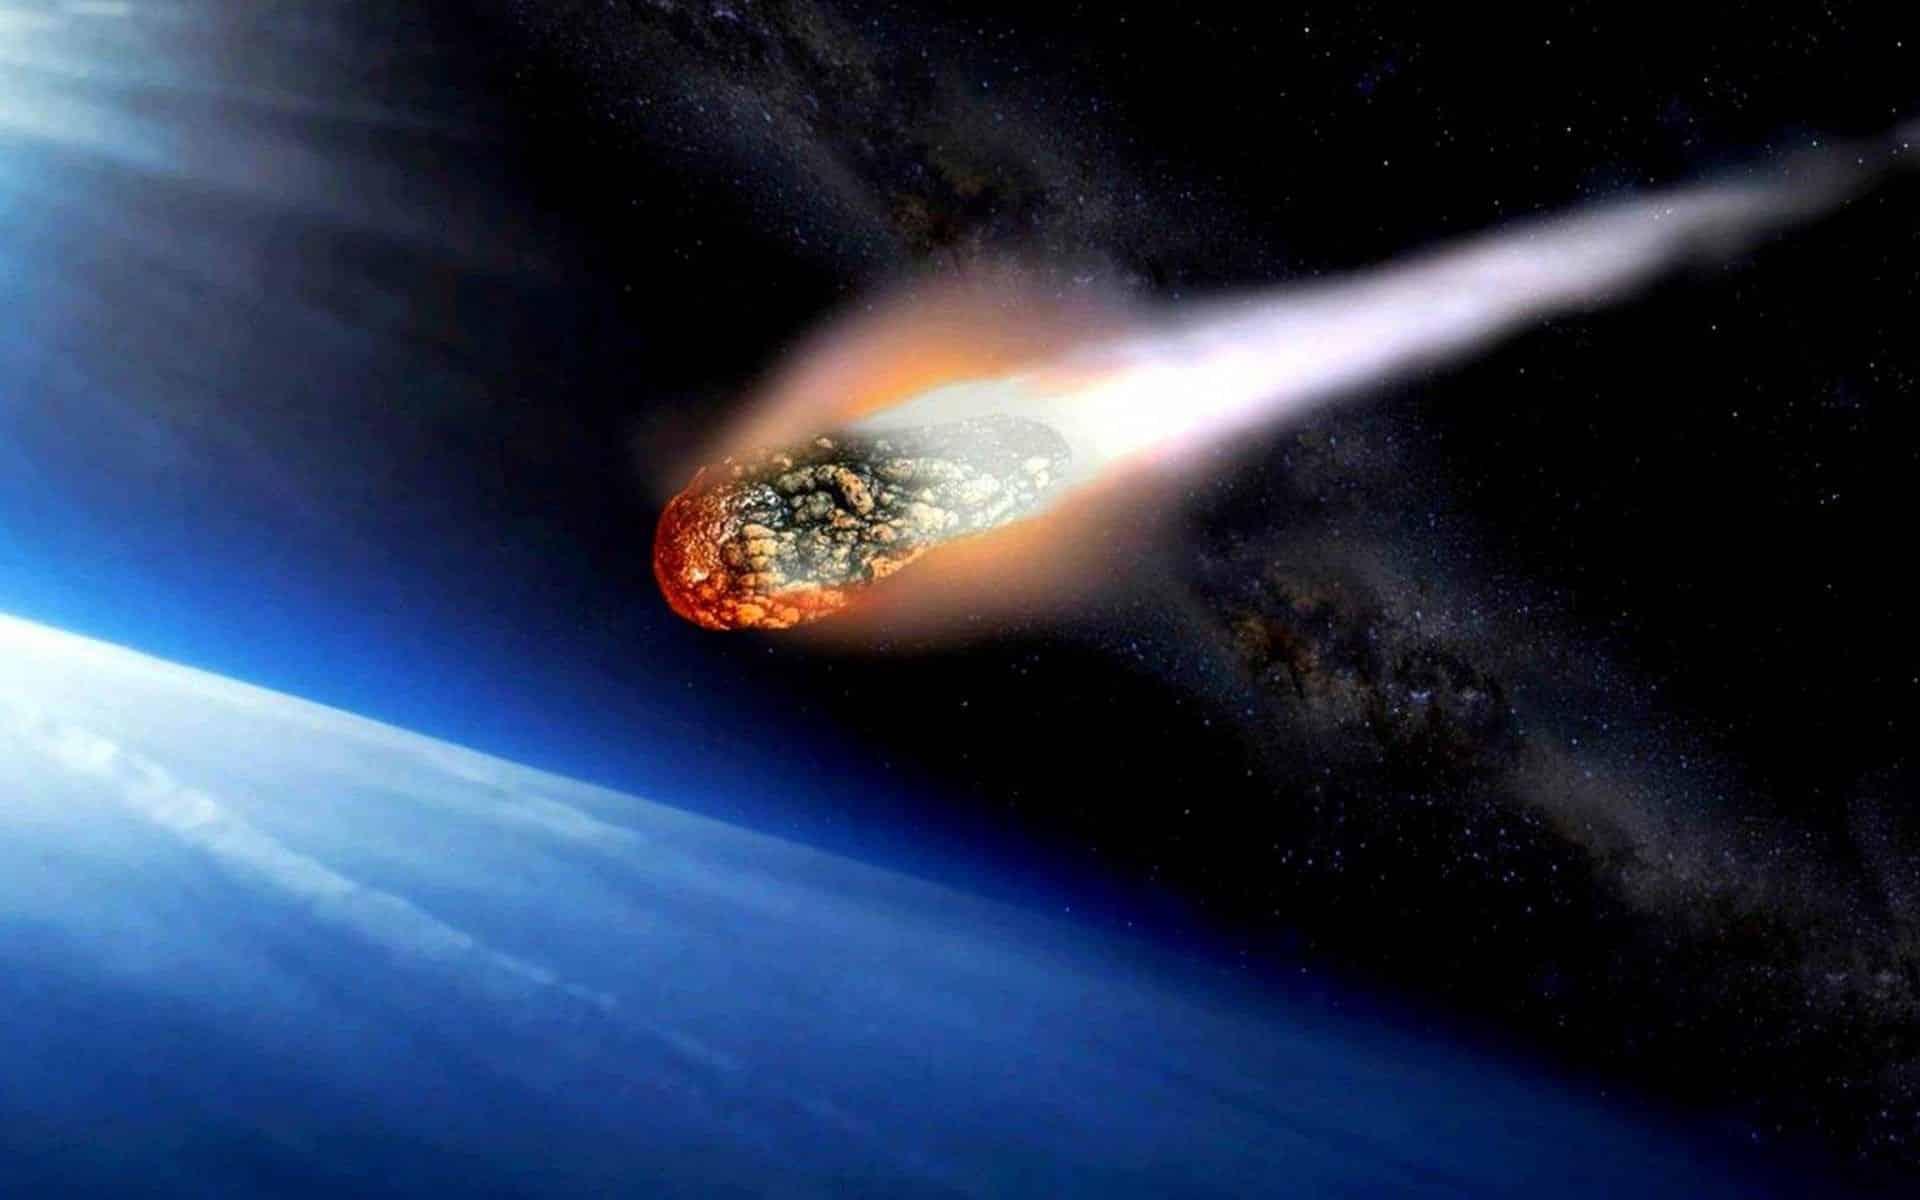 Метеорит летит к Земле: столкновение будет 3 октября 2019 года: будет ли конец света